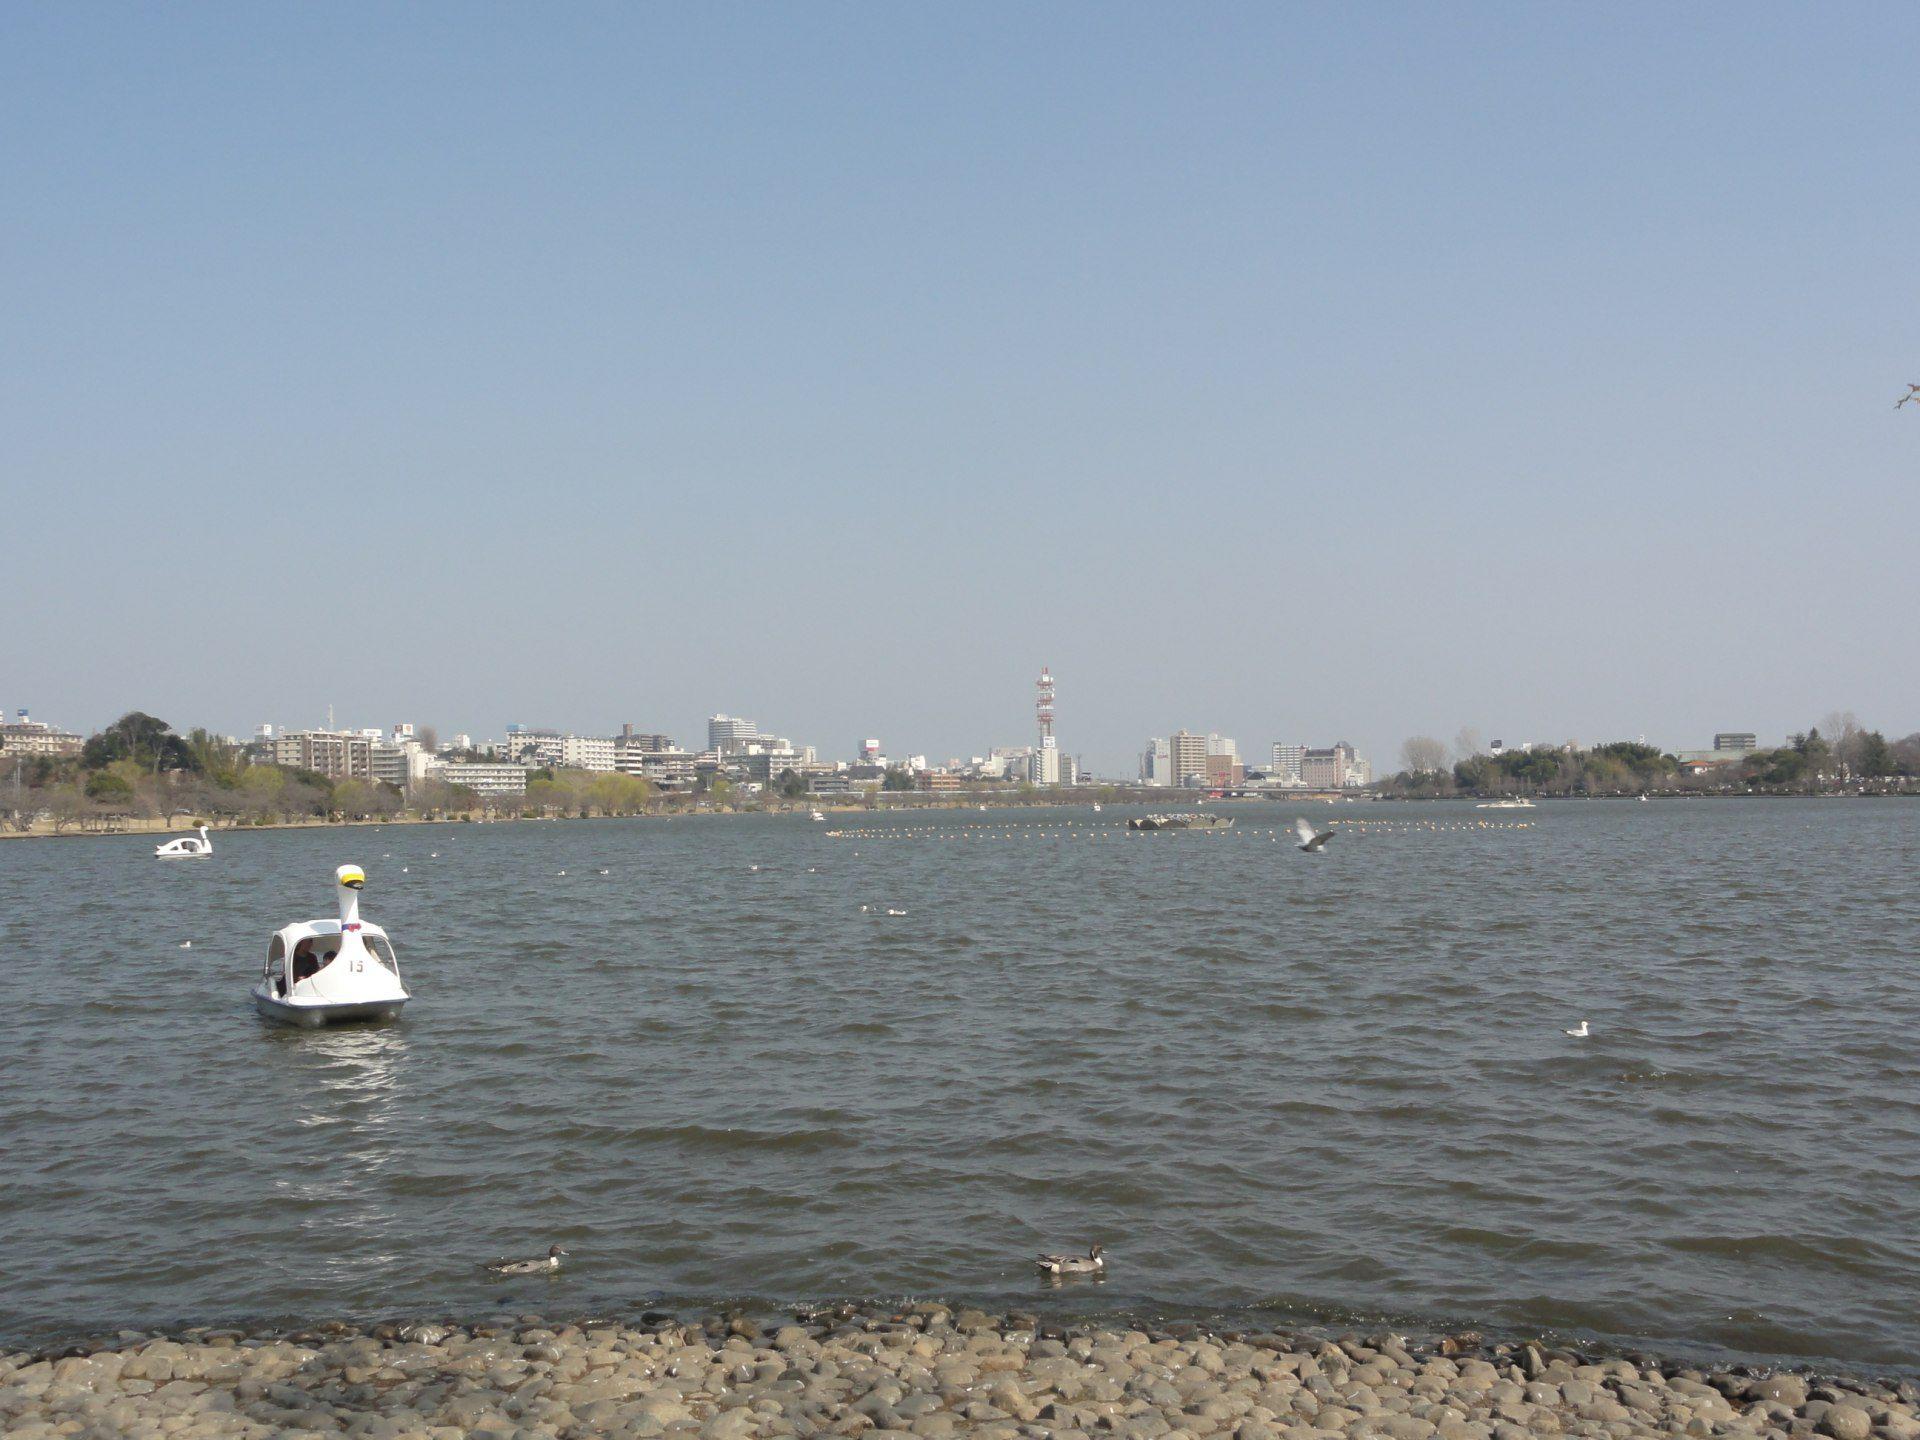 「千波湖」(外圍約3km)